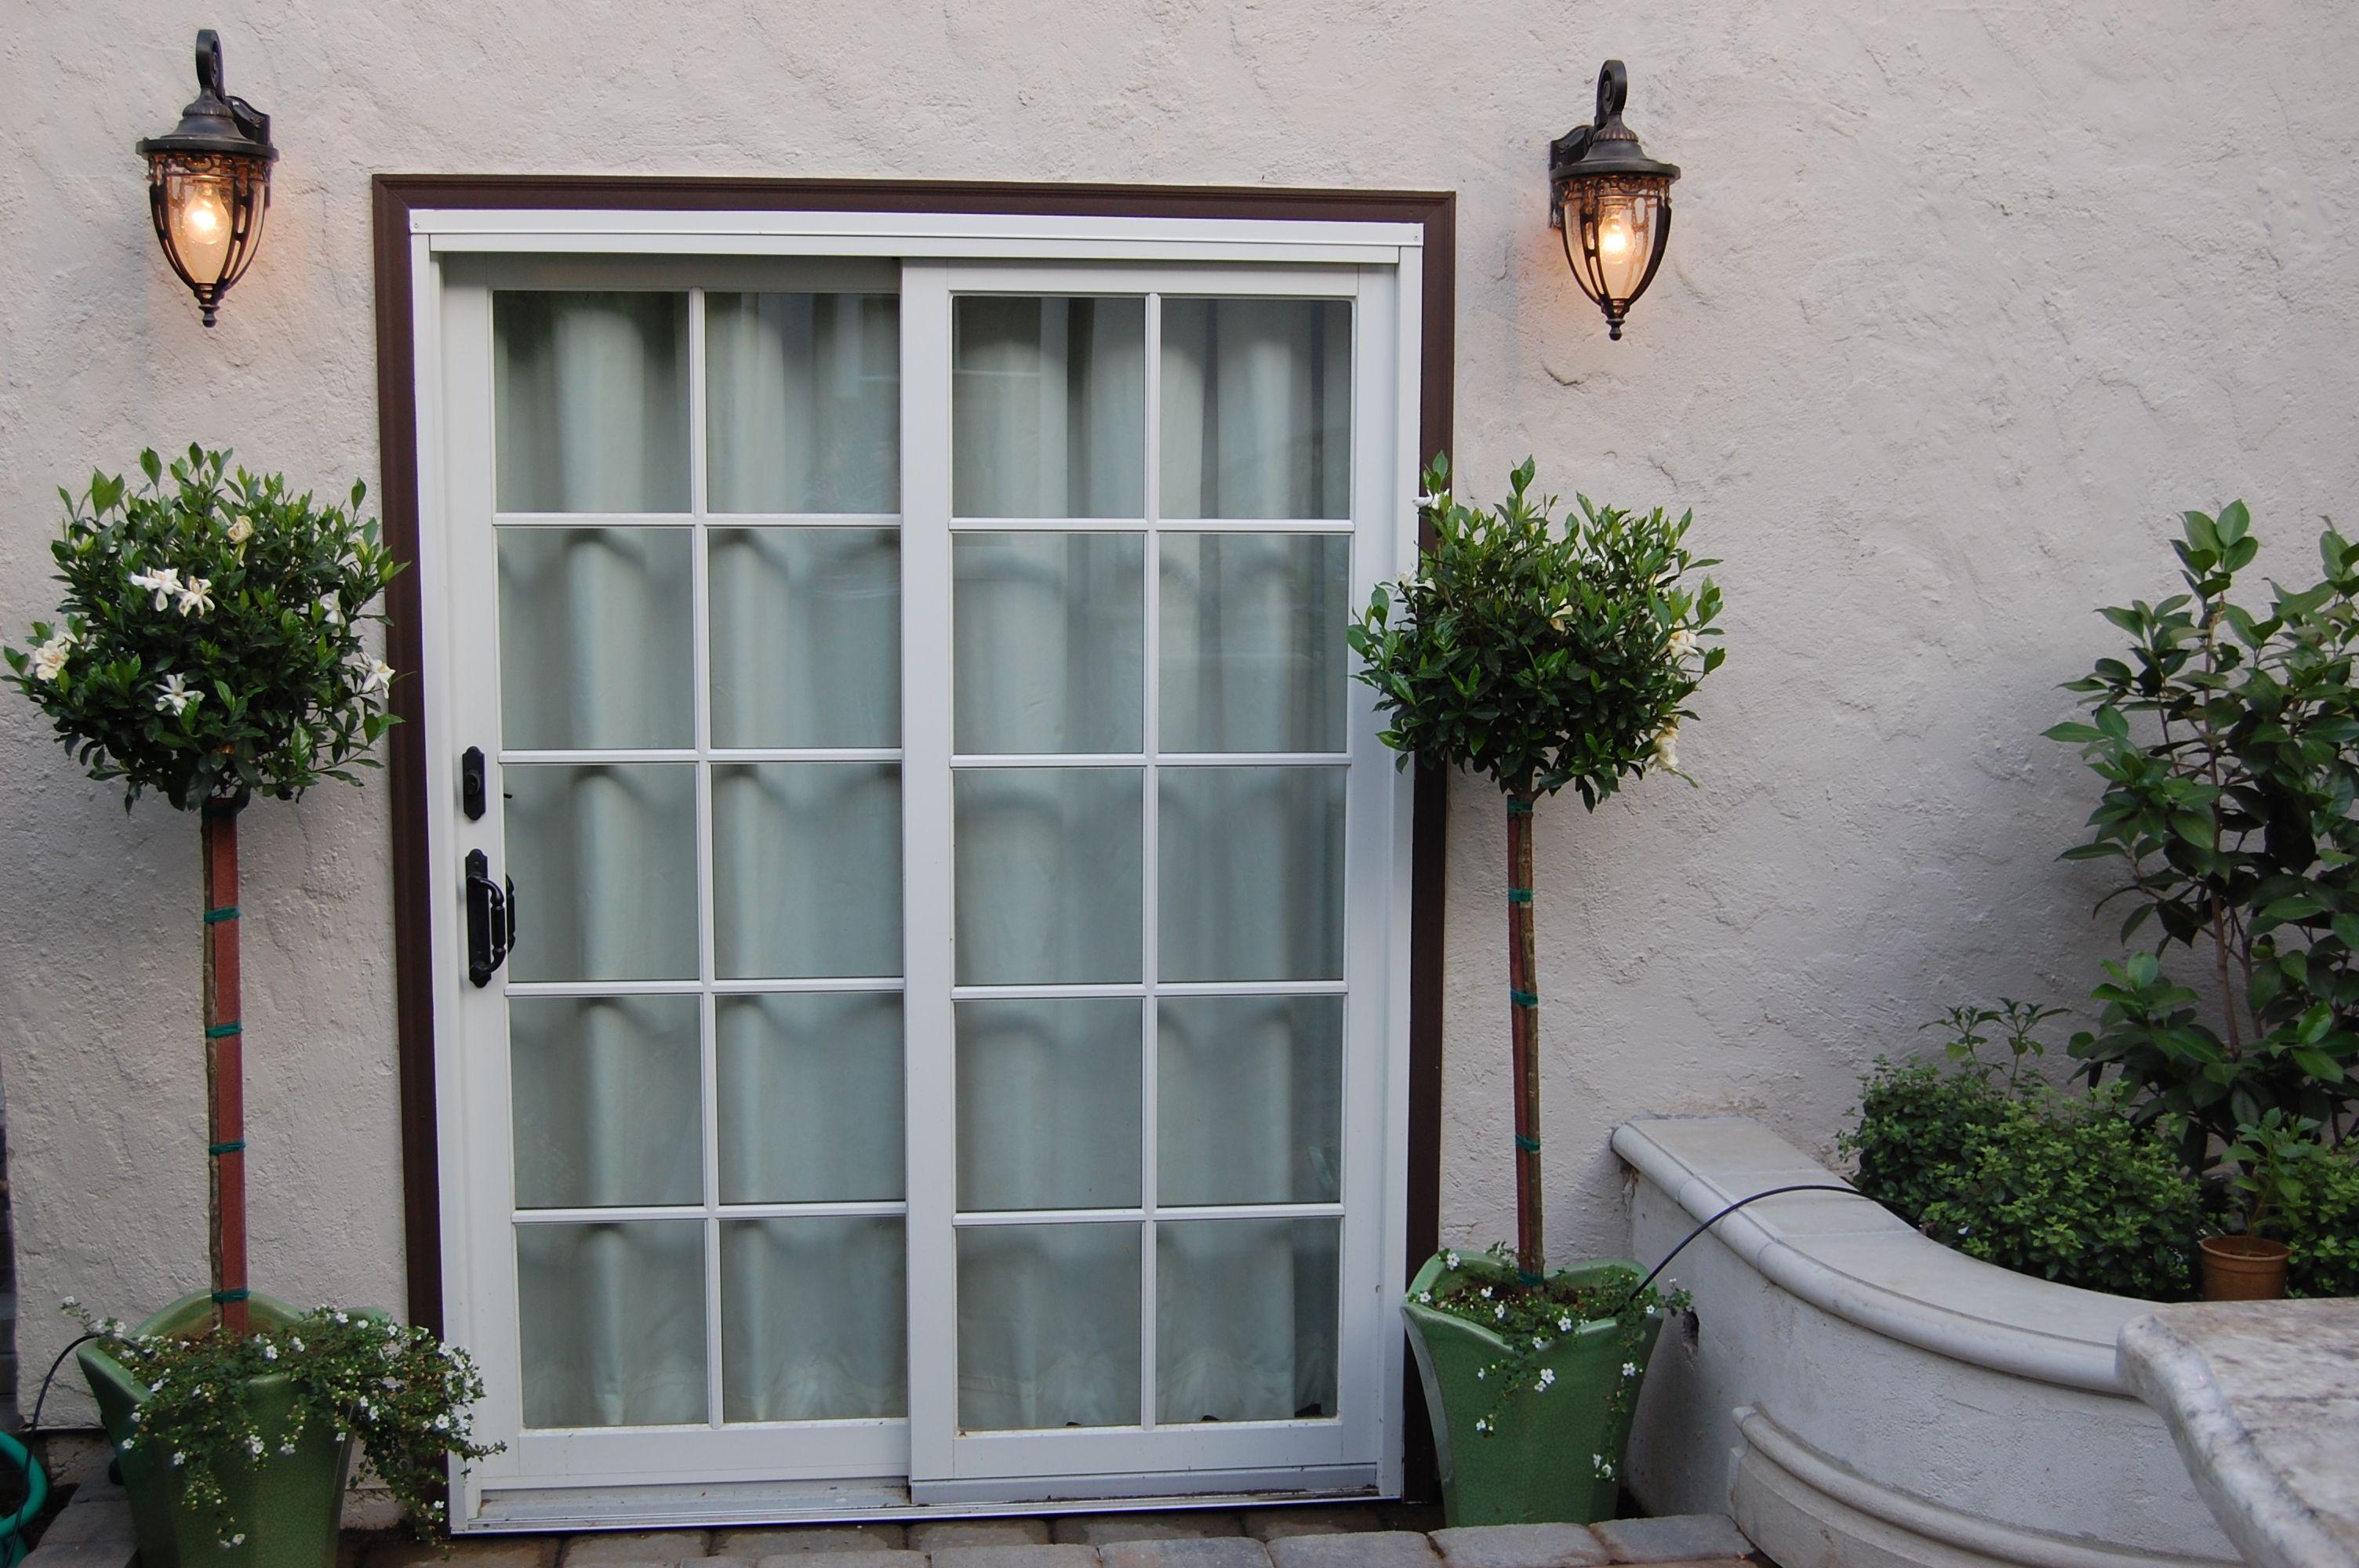 doorknobs locks step wikihow garage ways pick to door on stuck